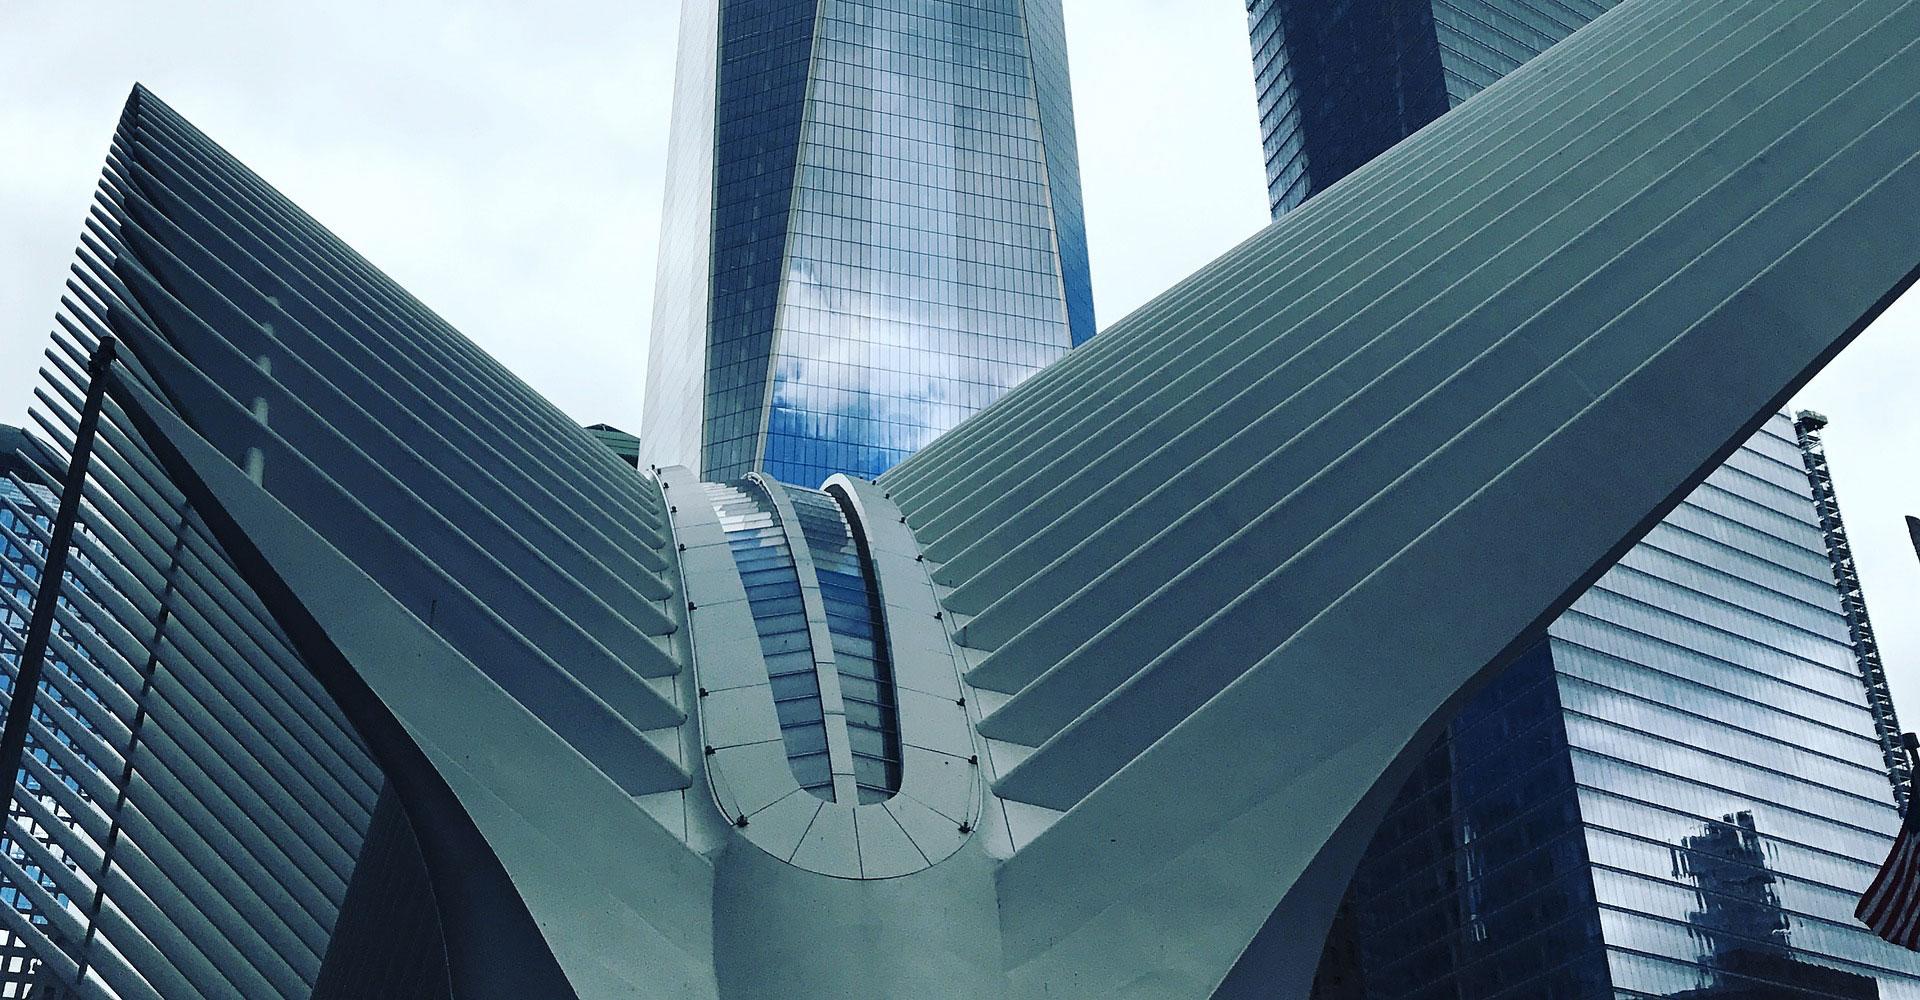 Oculus / New York